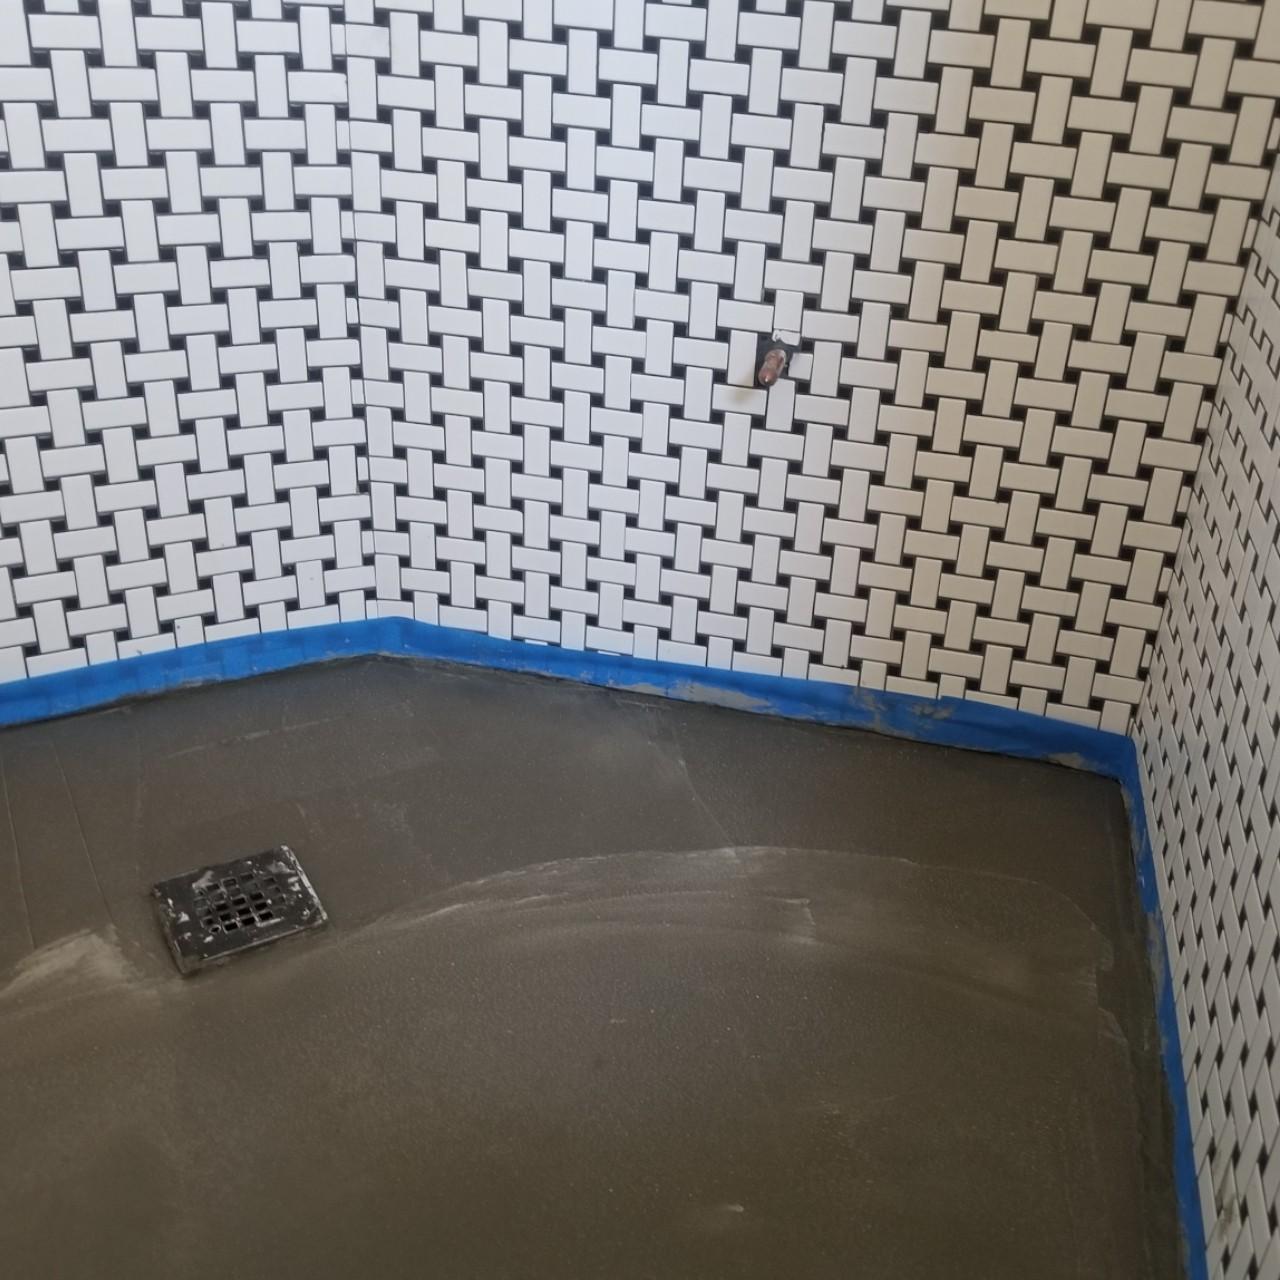 tiling-custom-bathtub-shower-tiles--tiling-03